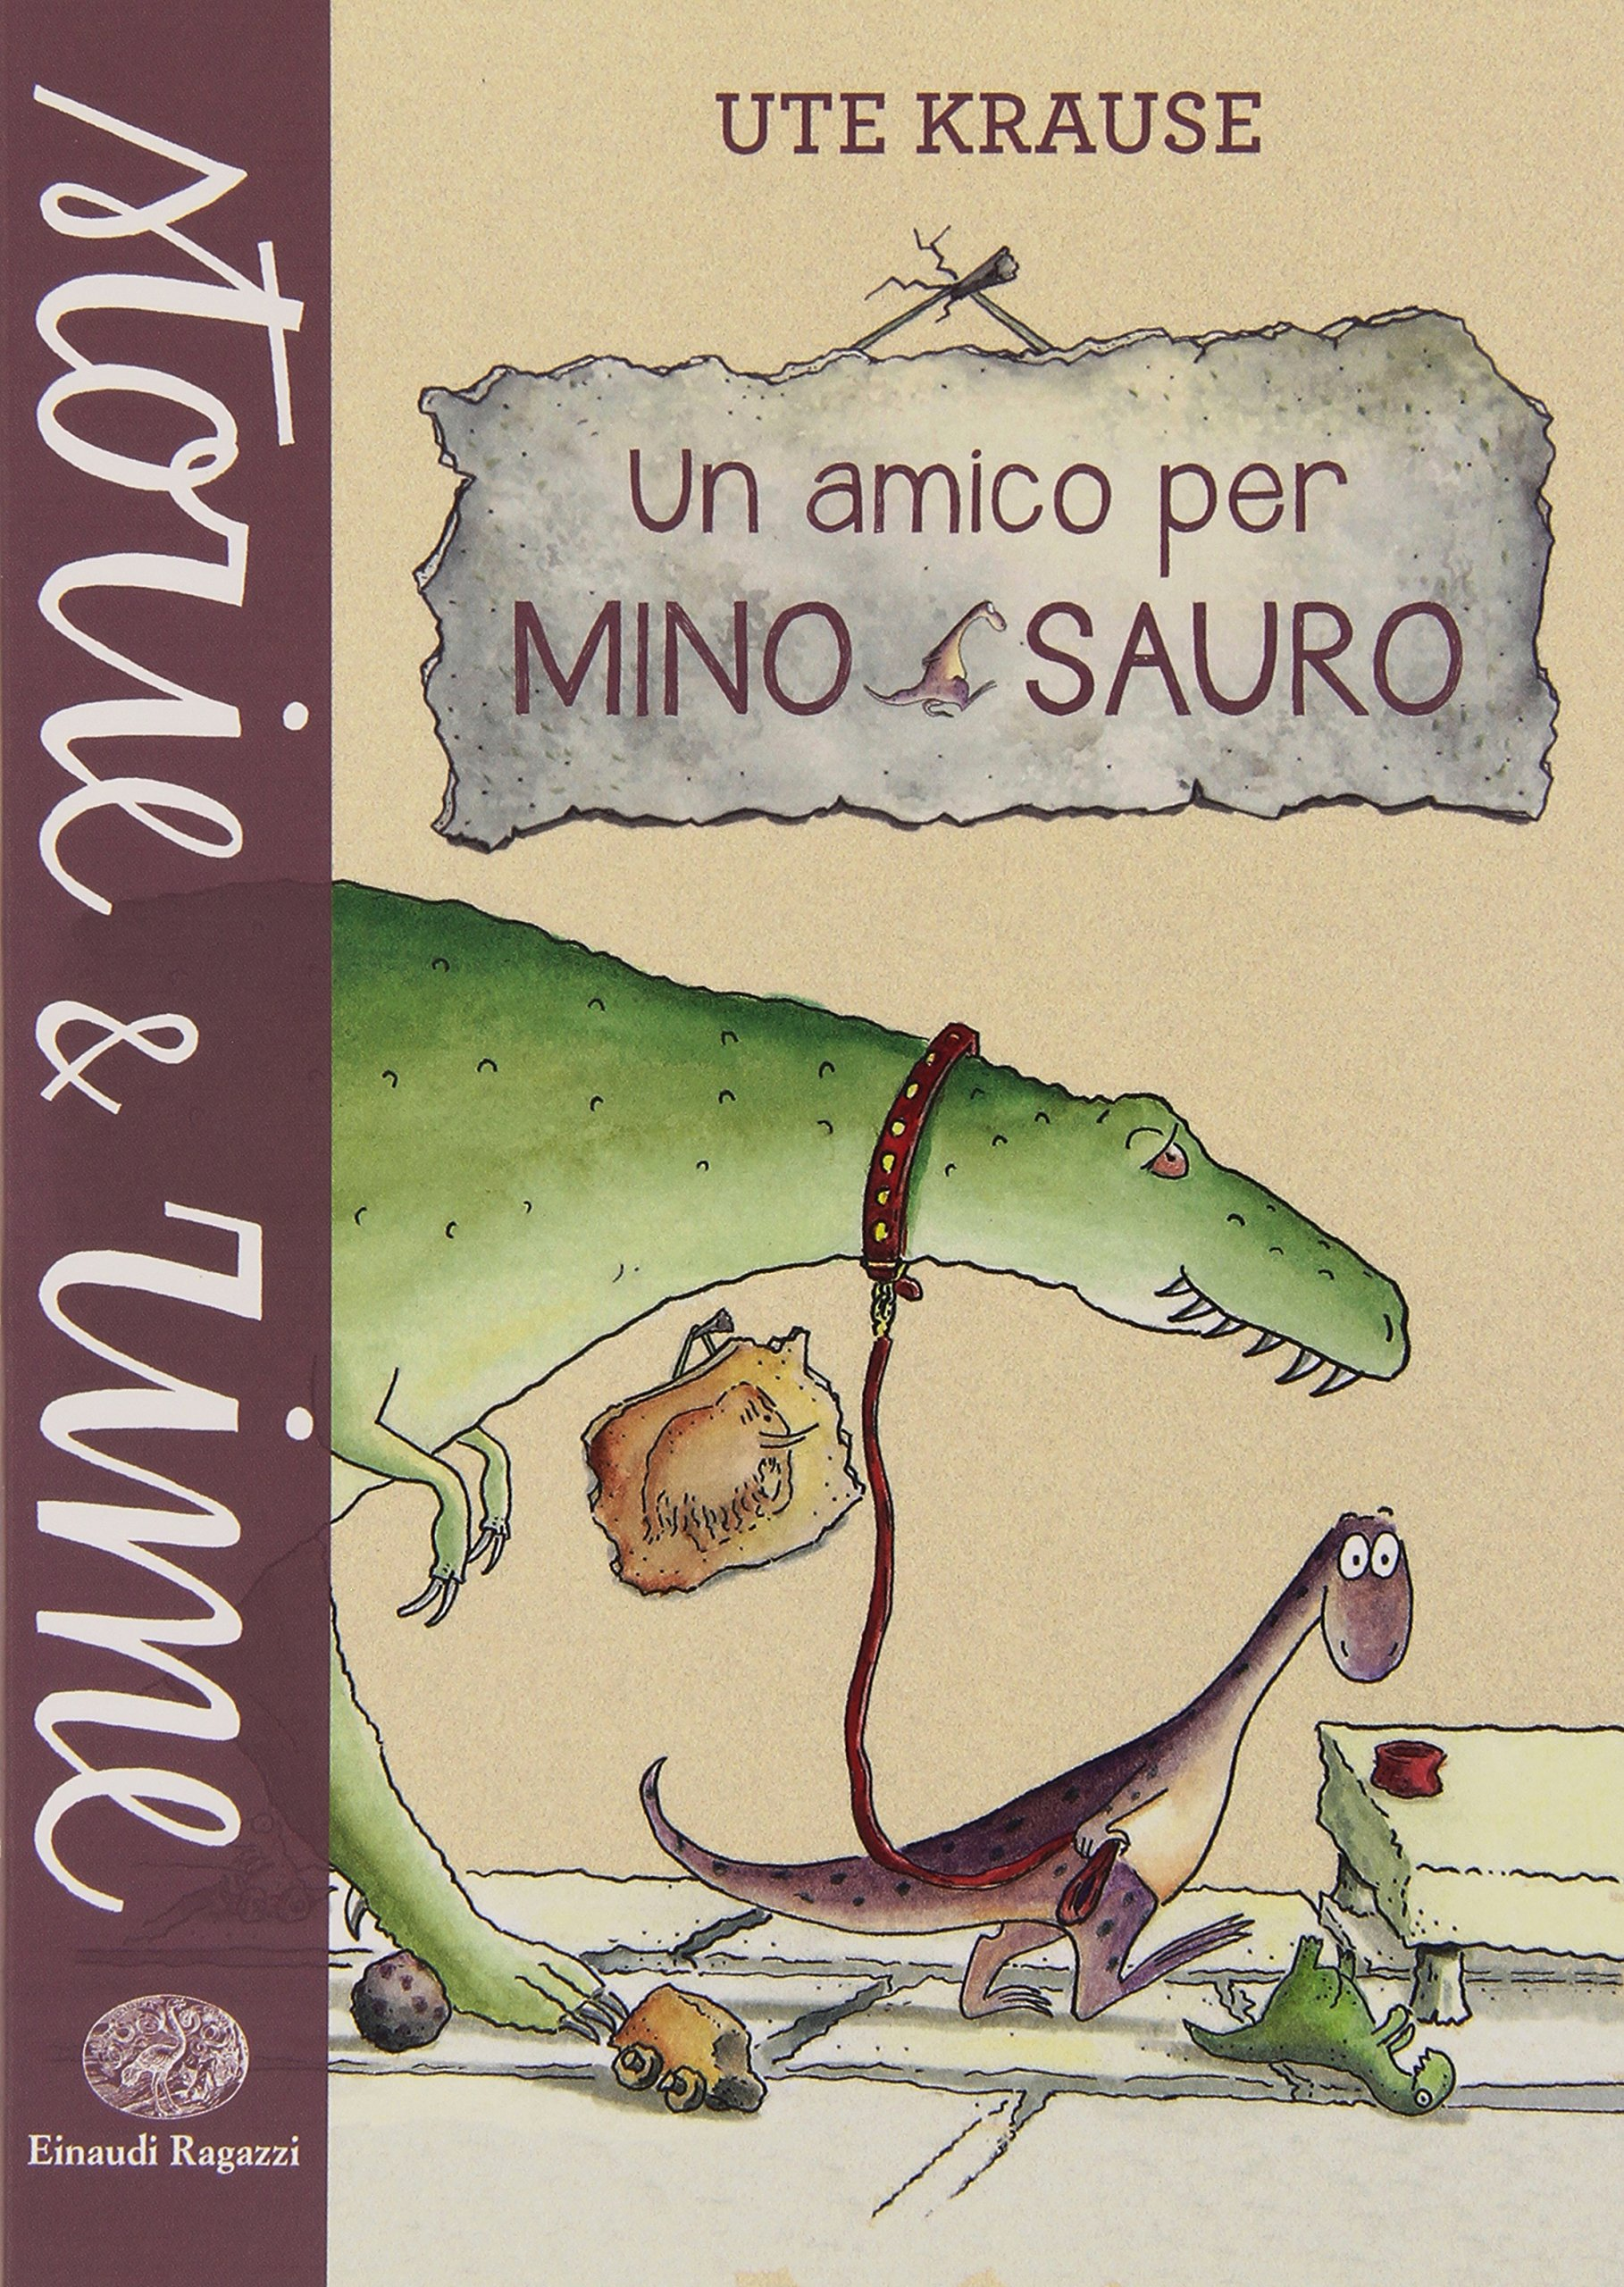 Un amico per minosauro, Krause Ute, Einaudi Ragazzi, € 9.00, dai 7 anni